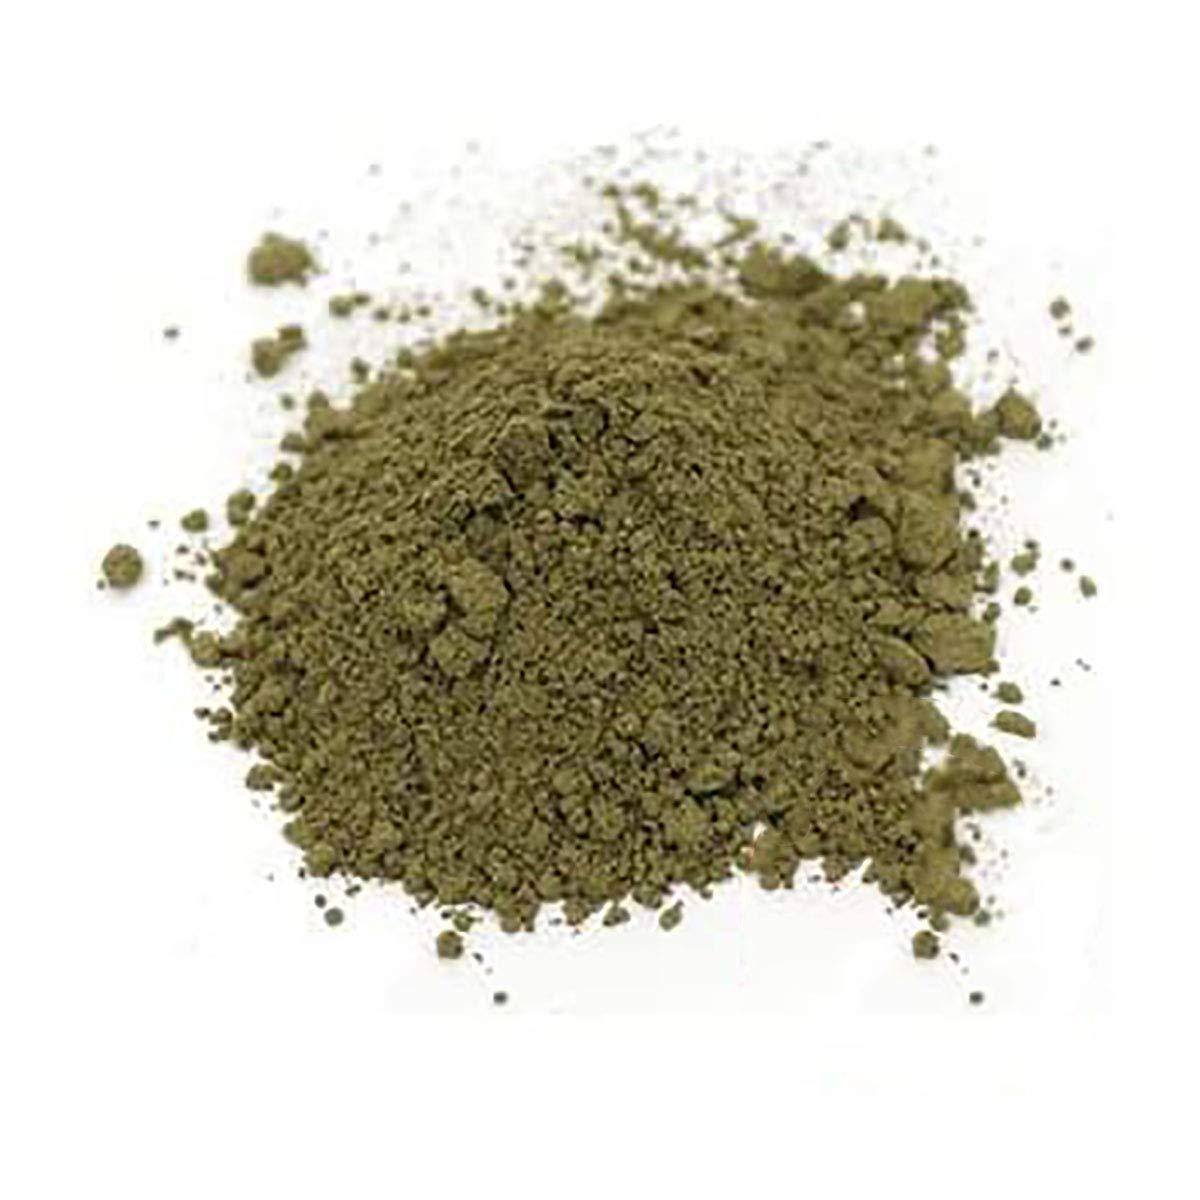 Organic Horny Goat Weed Powder - 4 oz -SWB209365-54